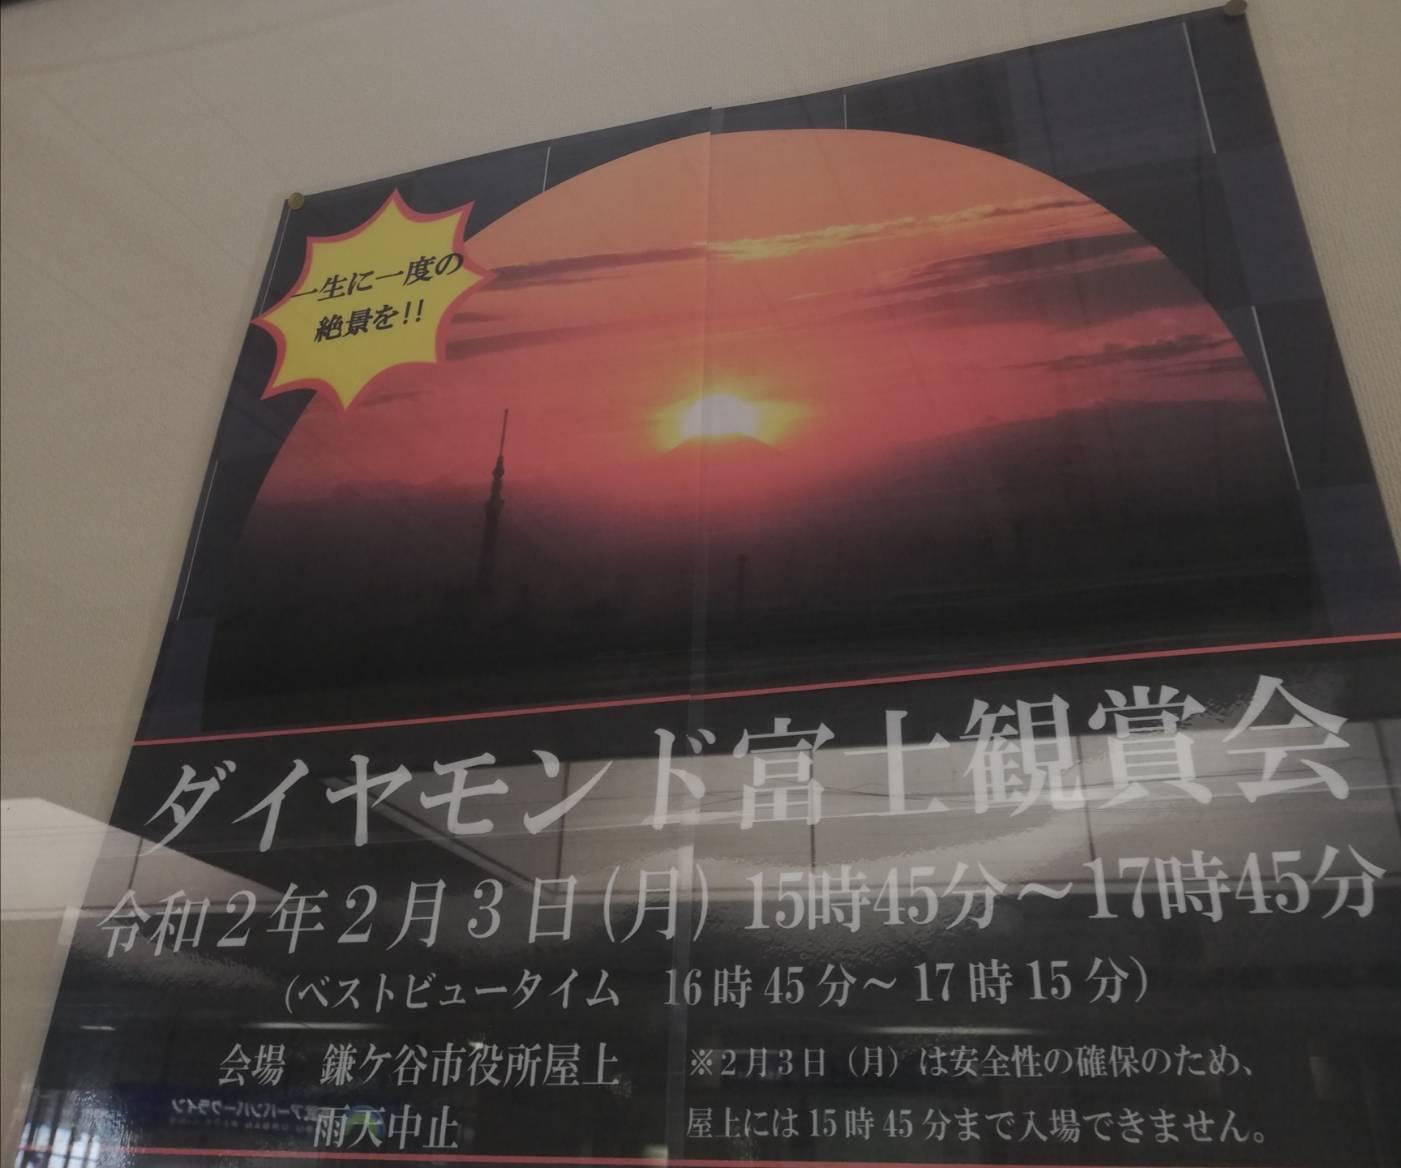 ダイヤモンド富士2020鑑賞会鎌ヶ谷市役所